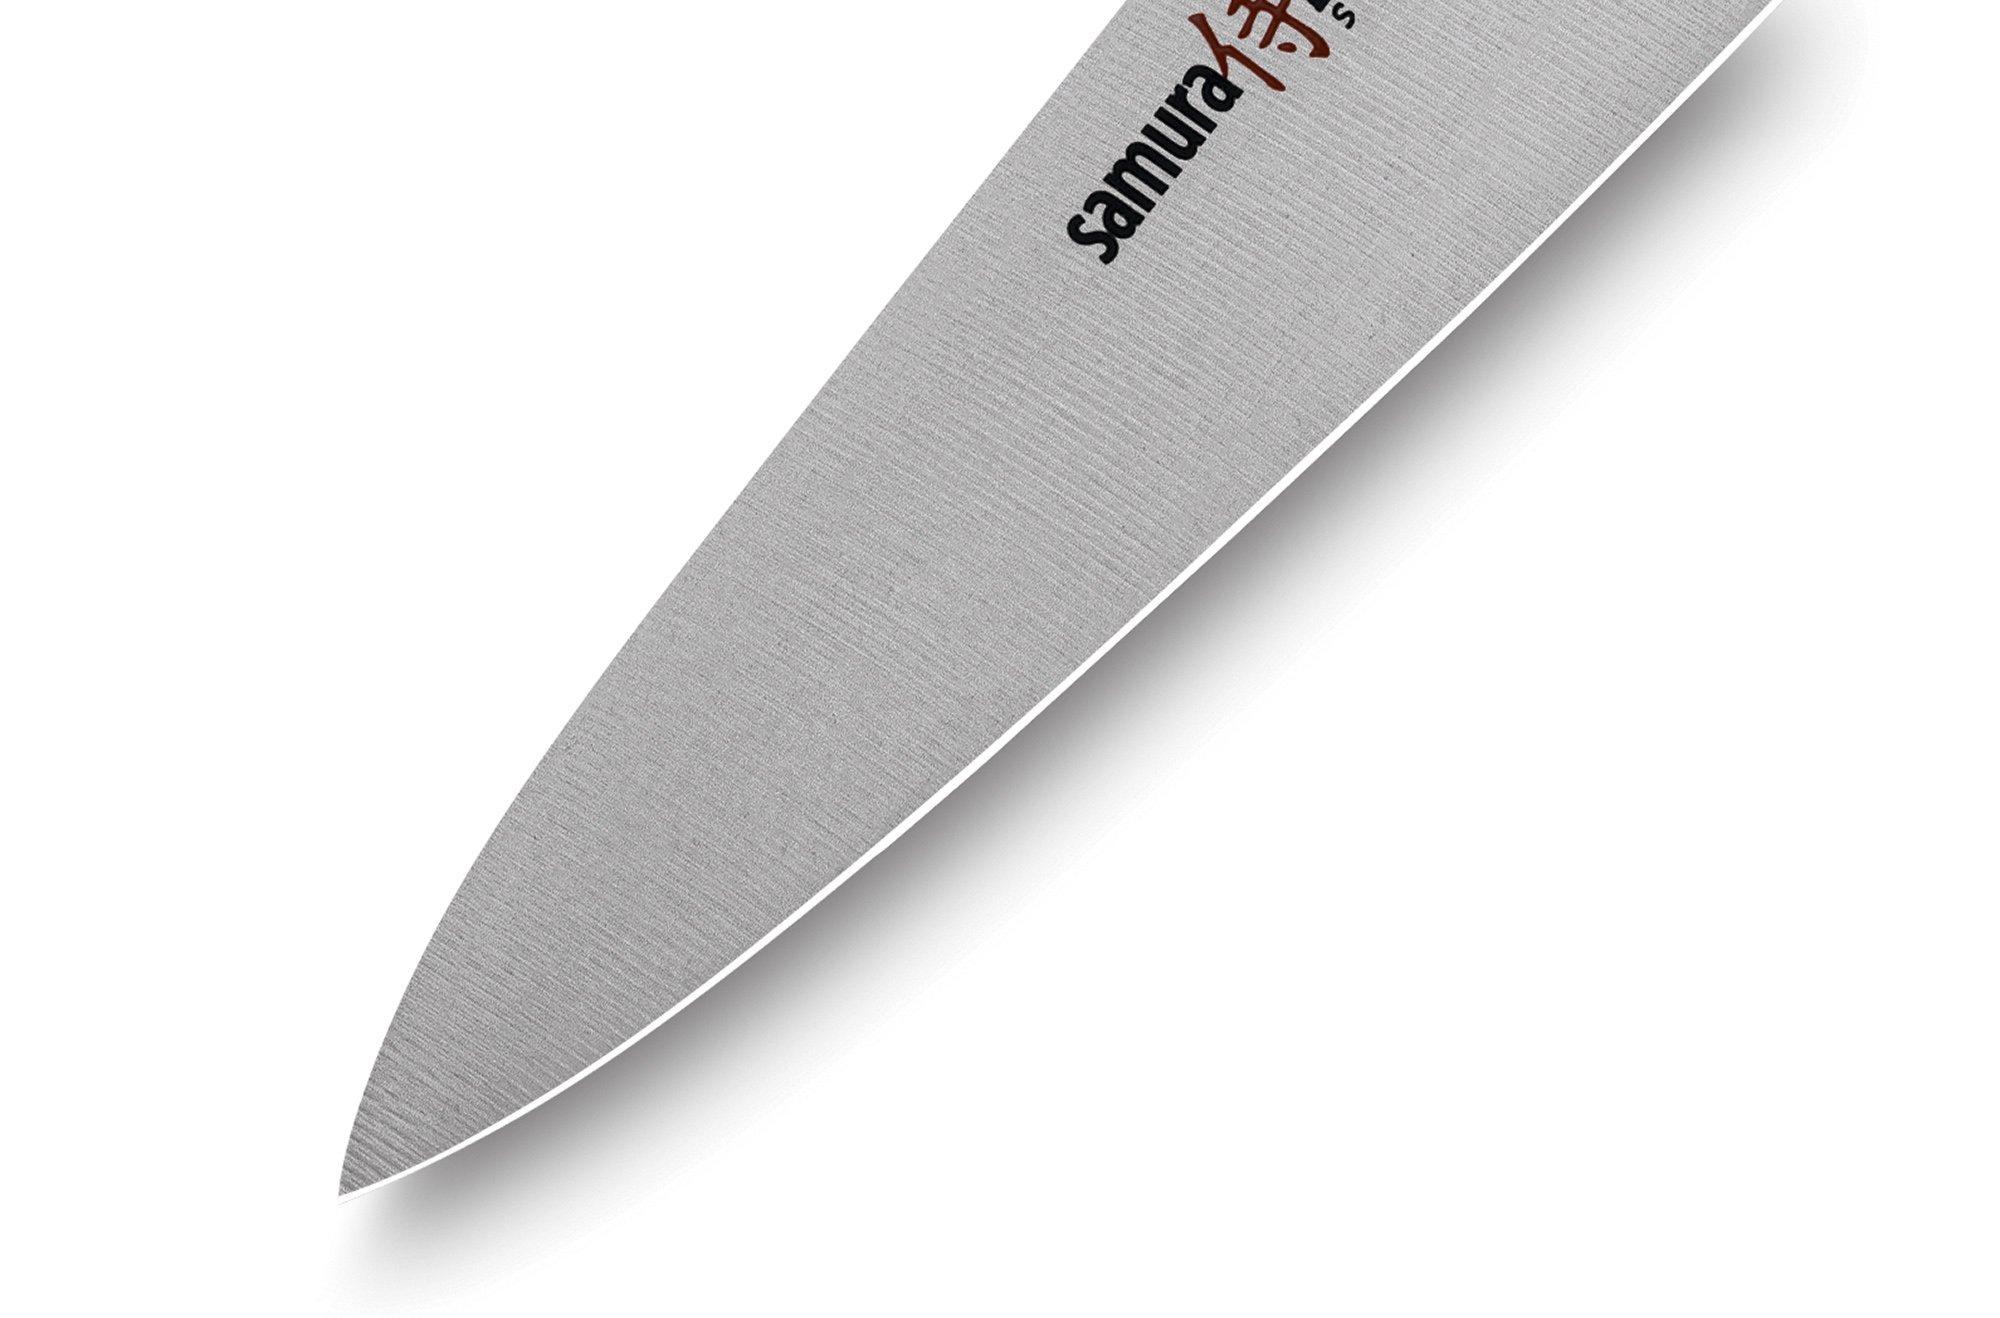 Фото 7 - Нож кухонный Samura PRO-S универсальный - SP-0021, сталь AUS-8, рукоять G10, 115 мм